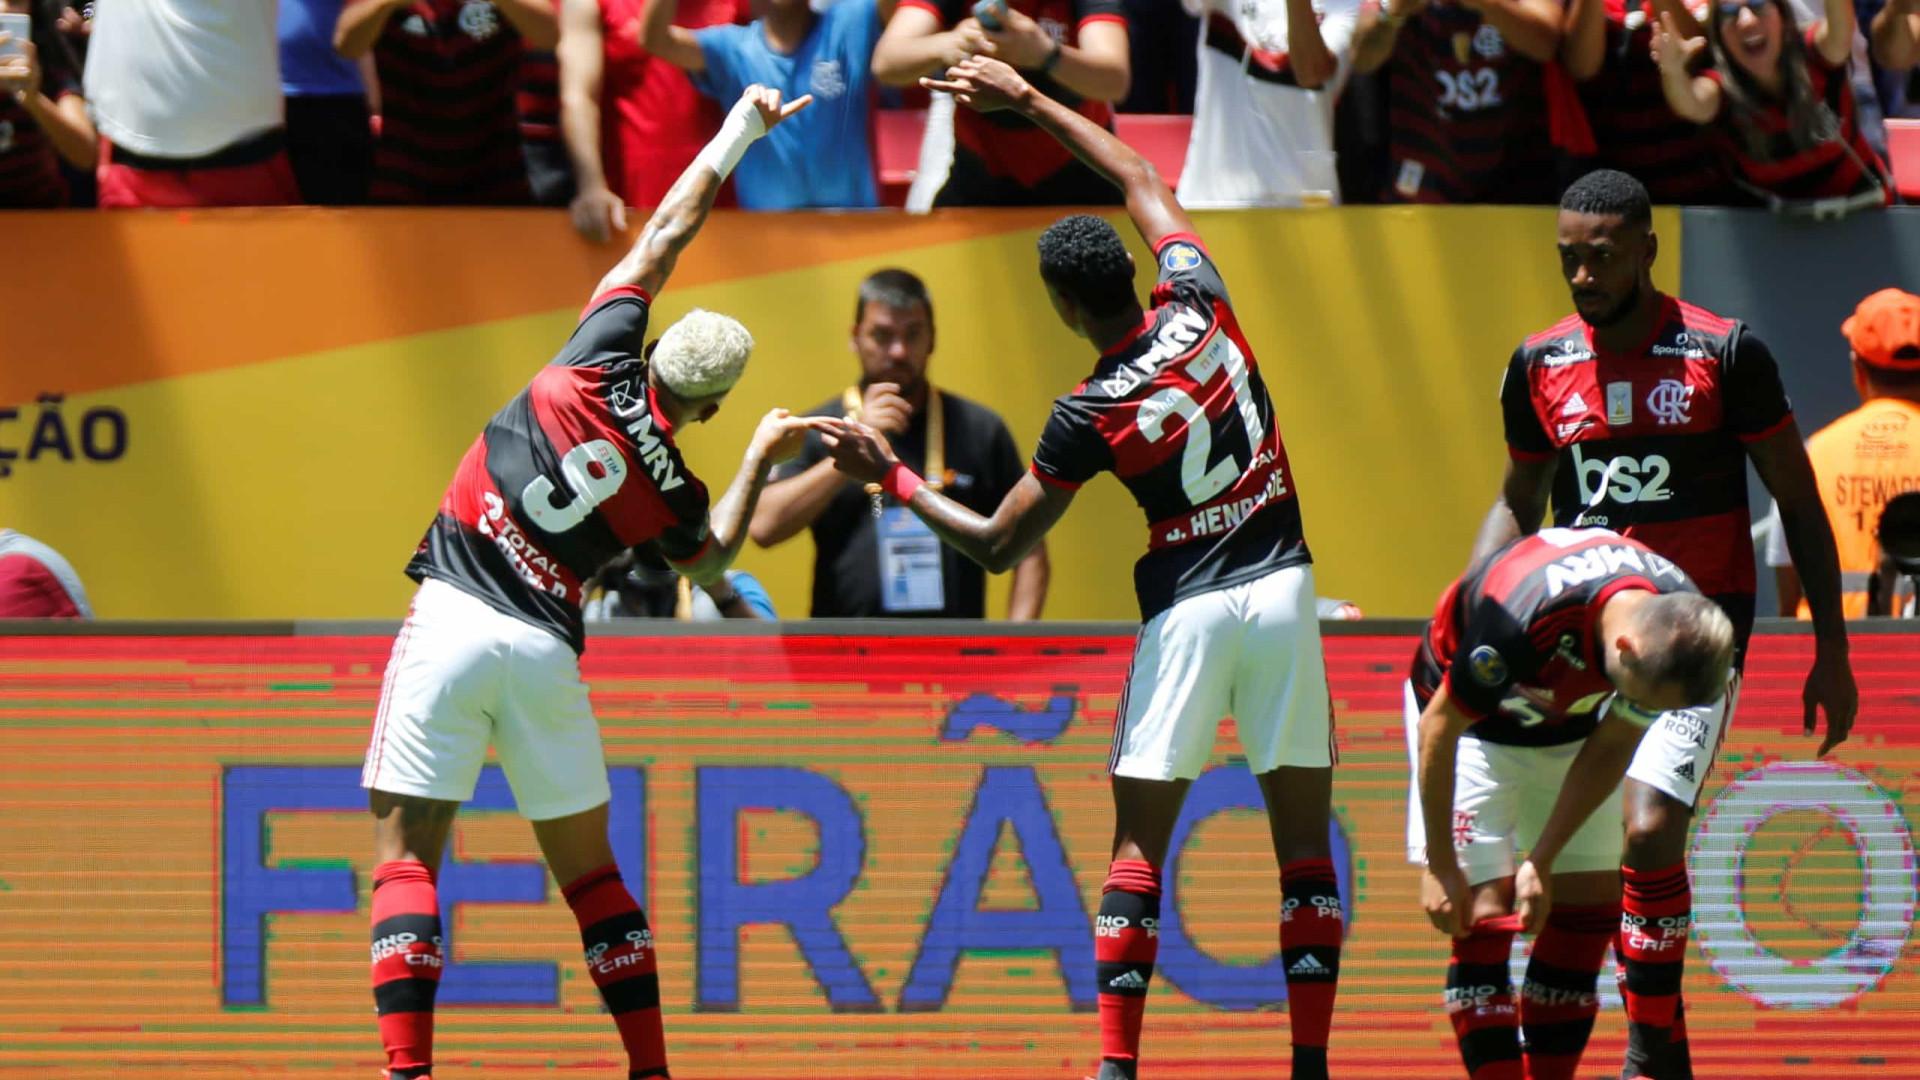 Jesus começa época em grande. Flamengo conquista a Supertaça do Brasil